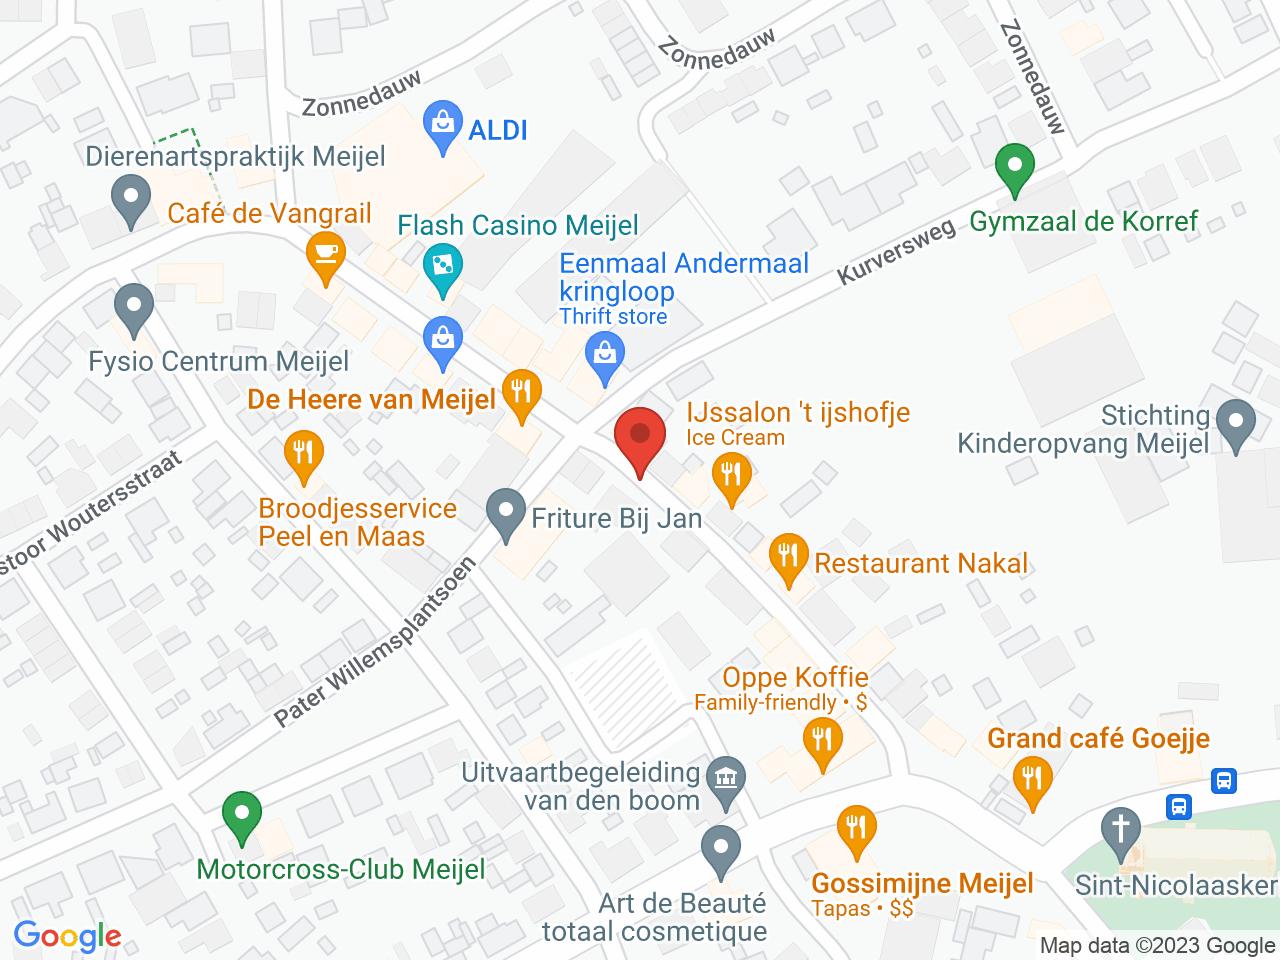 Wegwerkzaamheden Dorpsstraat Meijel op een kaart getoond.